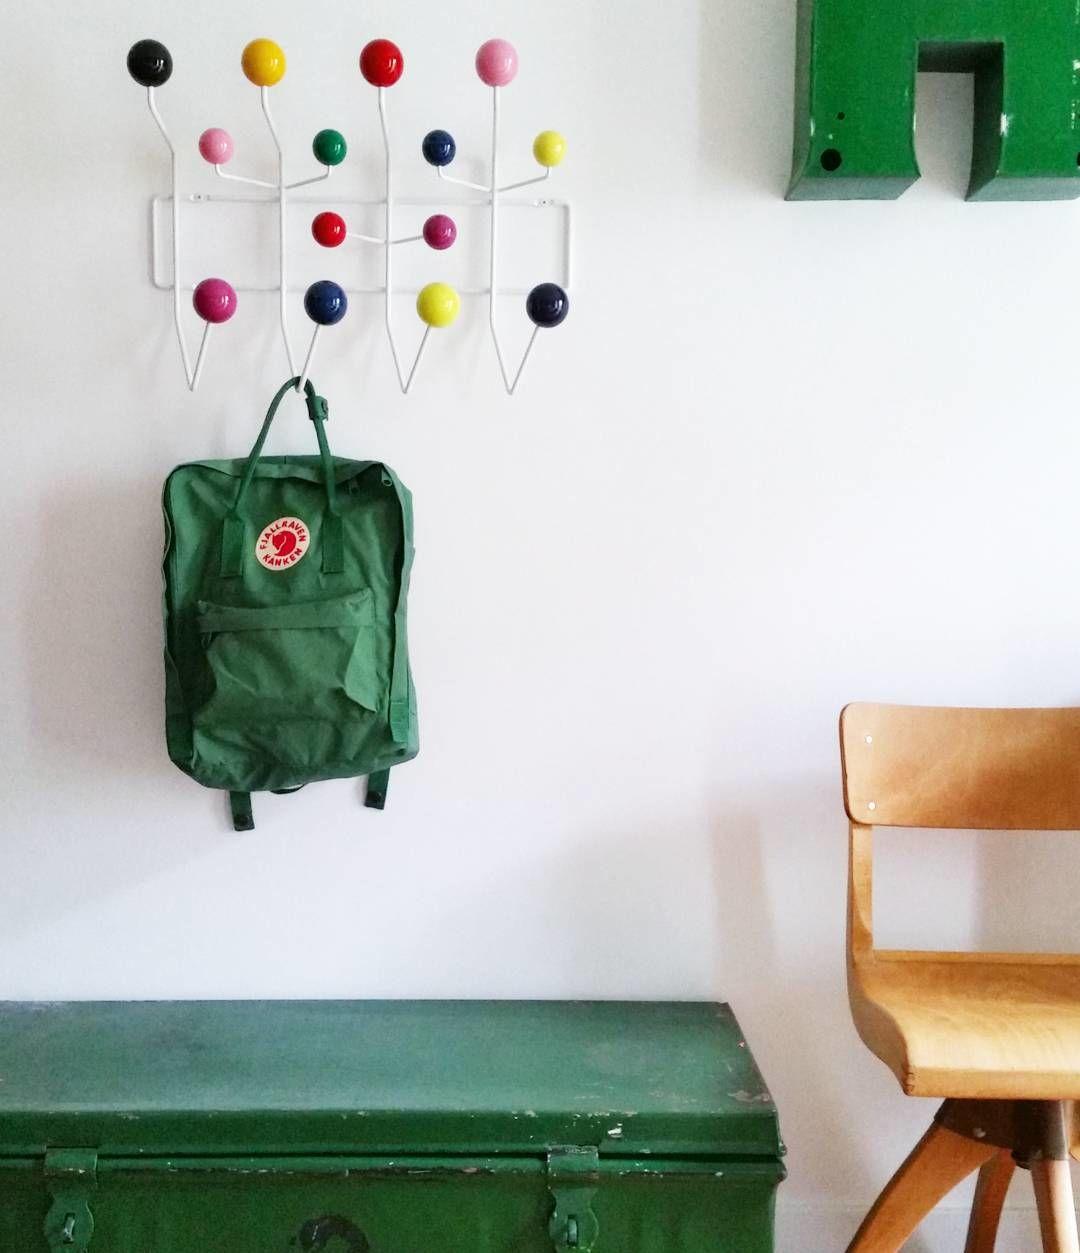 Schöne Ideen für die Kindergarderobe!